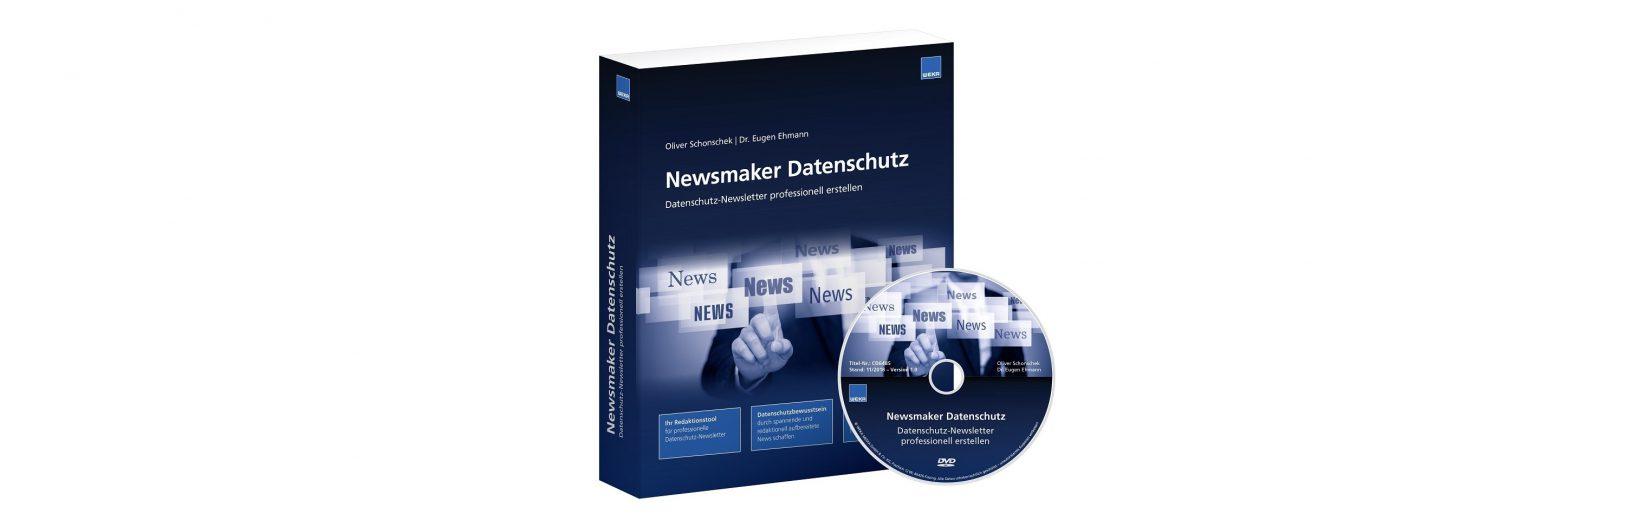 Das Redaktions-Tool zum Erstellen und Verschicken eigener Datenschutz-Newsletter.